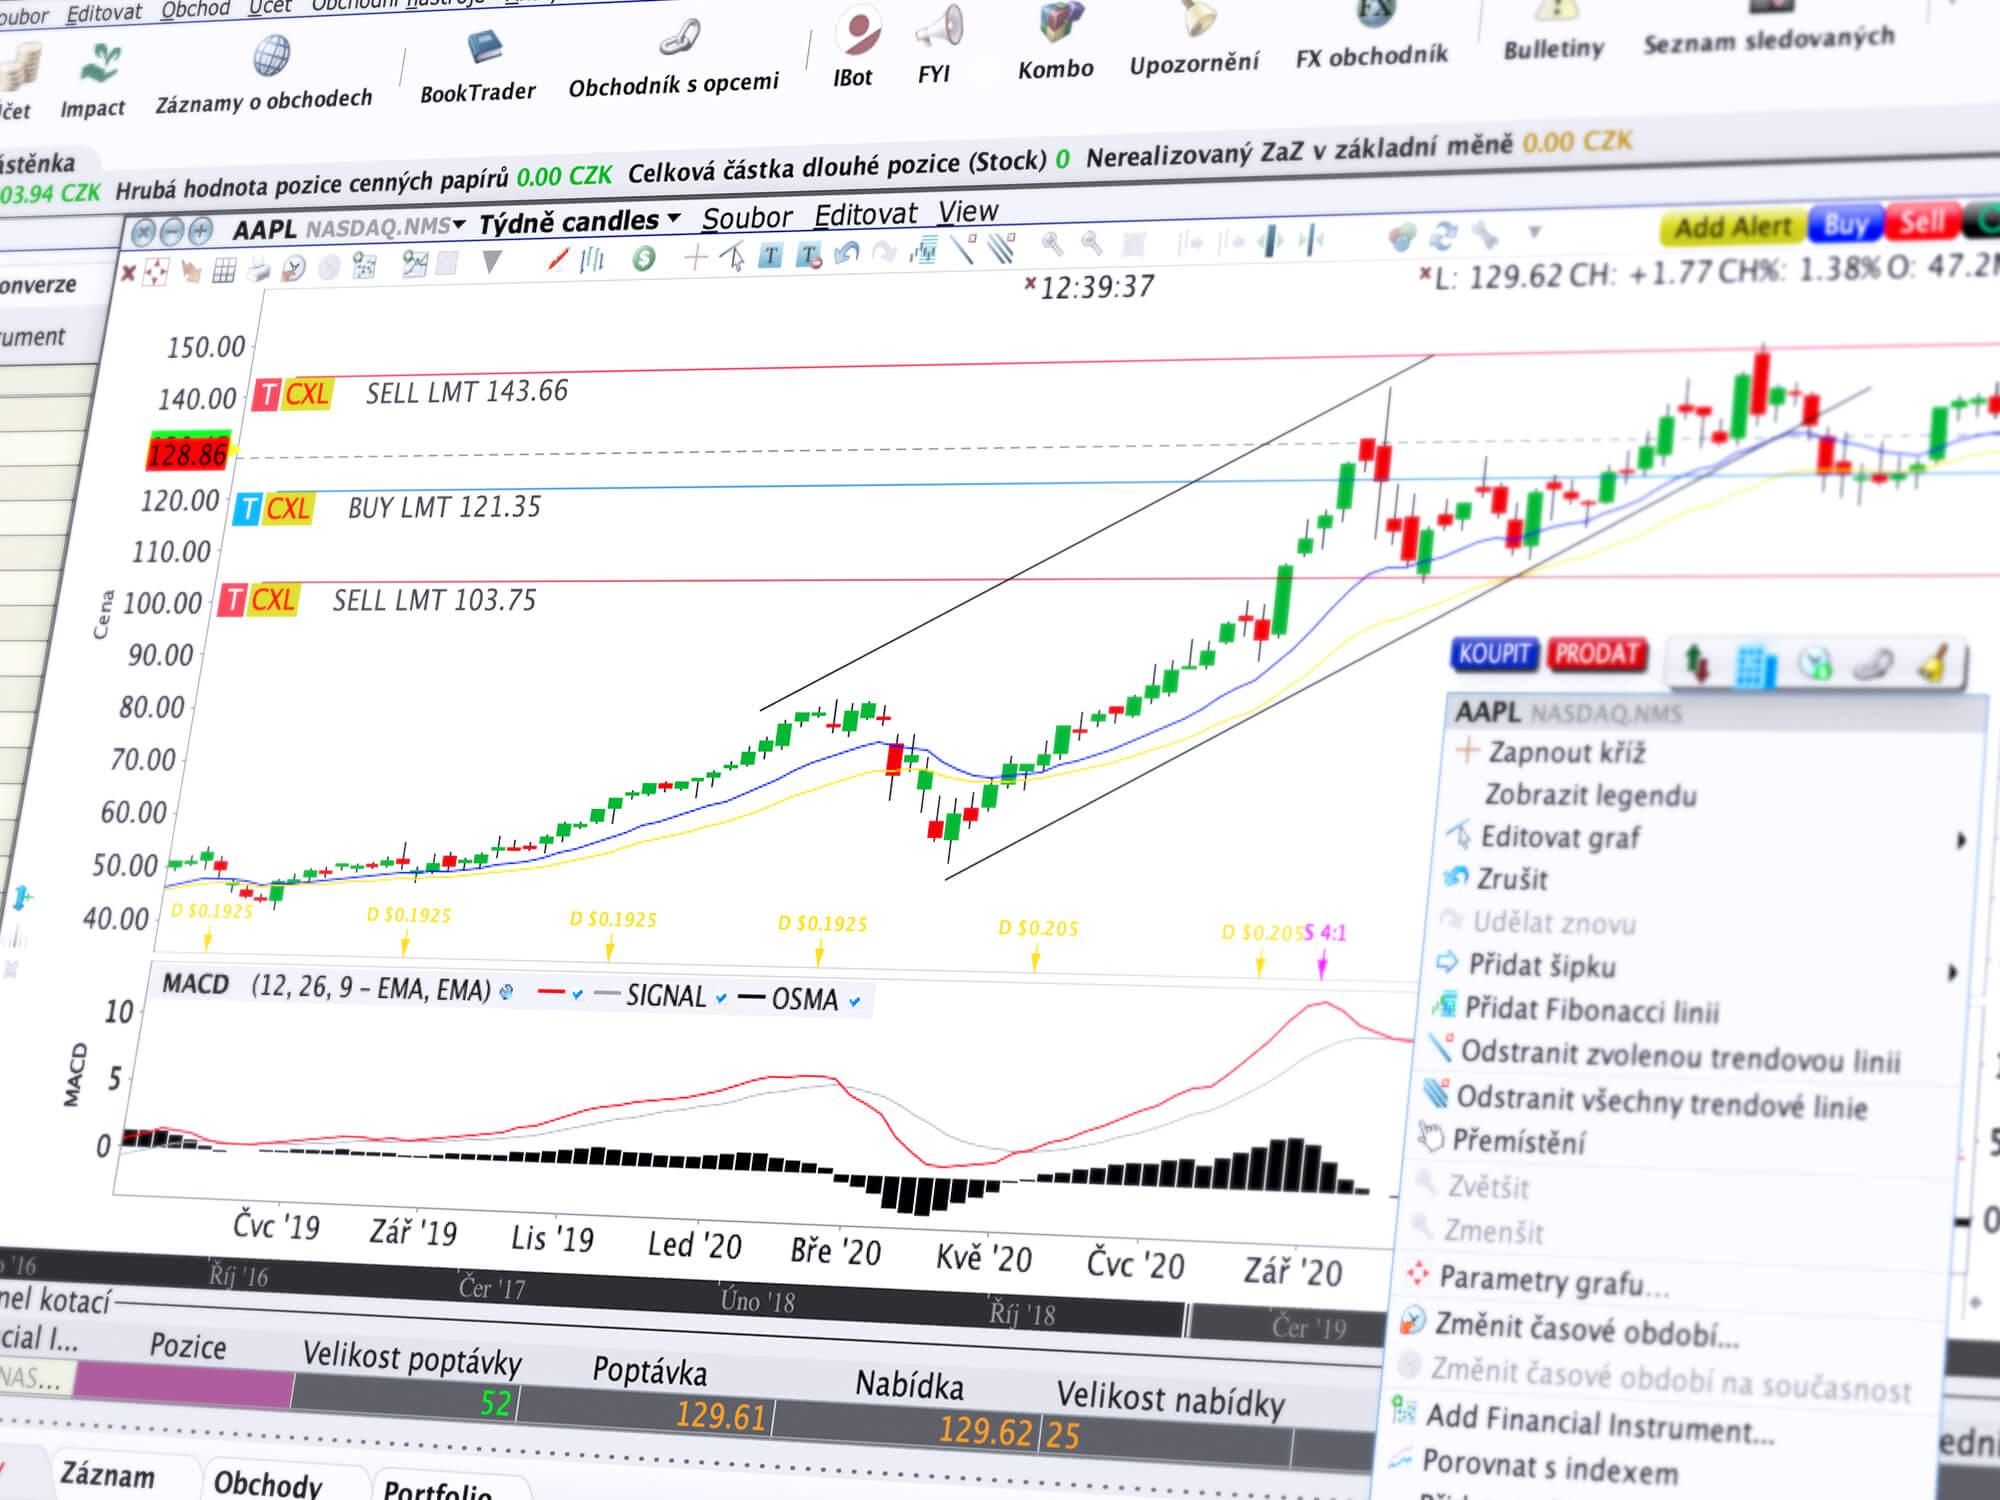 Obchodní platforma s cenovým grafem s indikátory a obchodními příkazy na akcii Apple